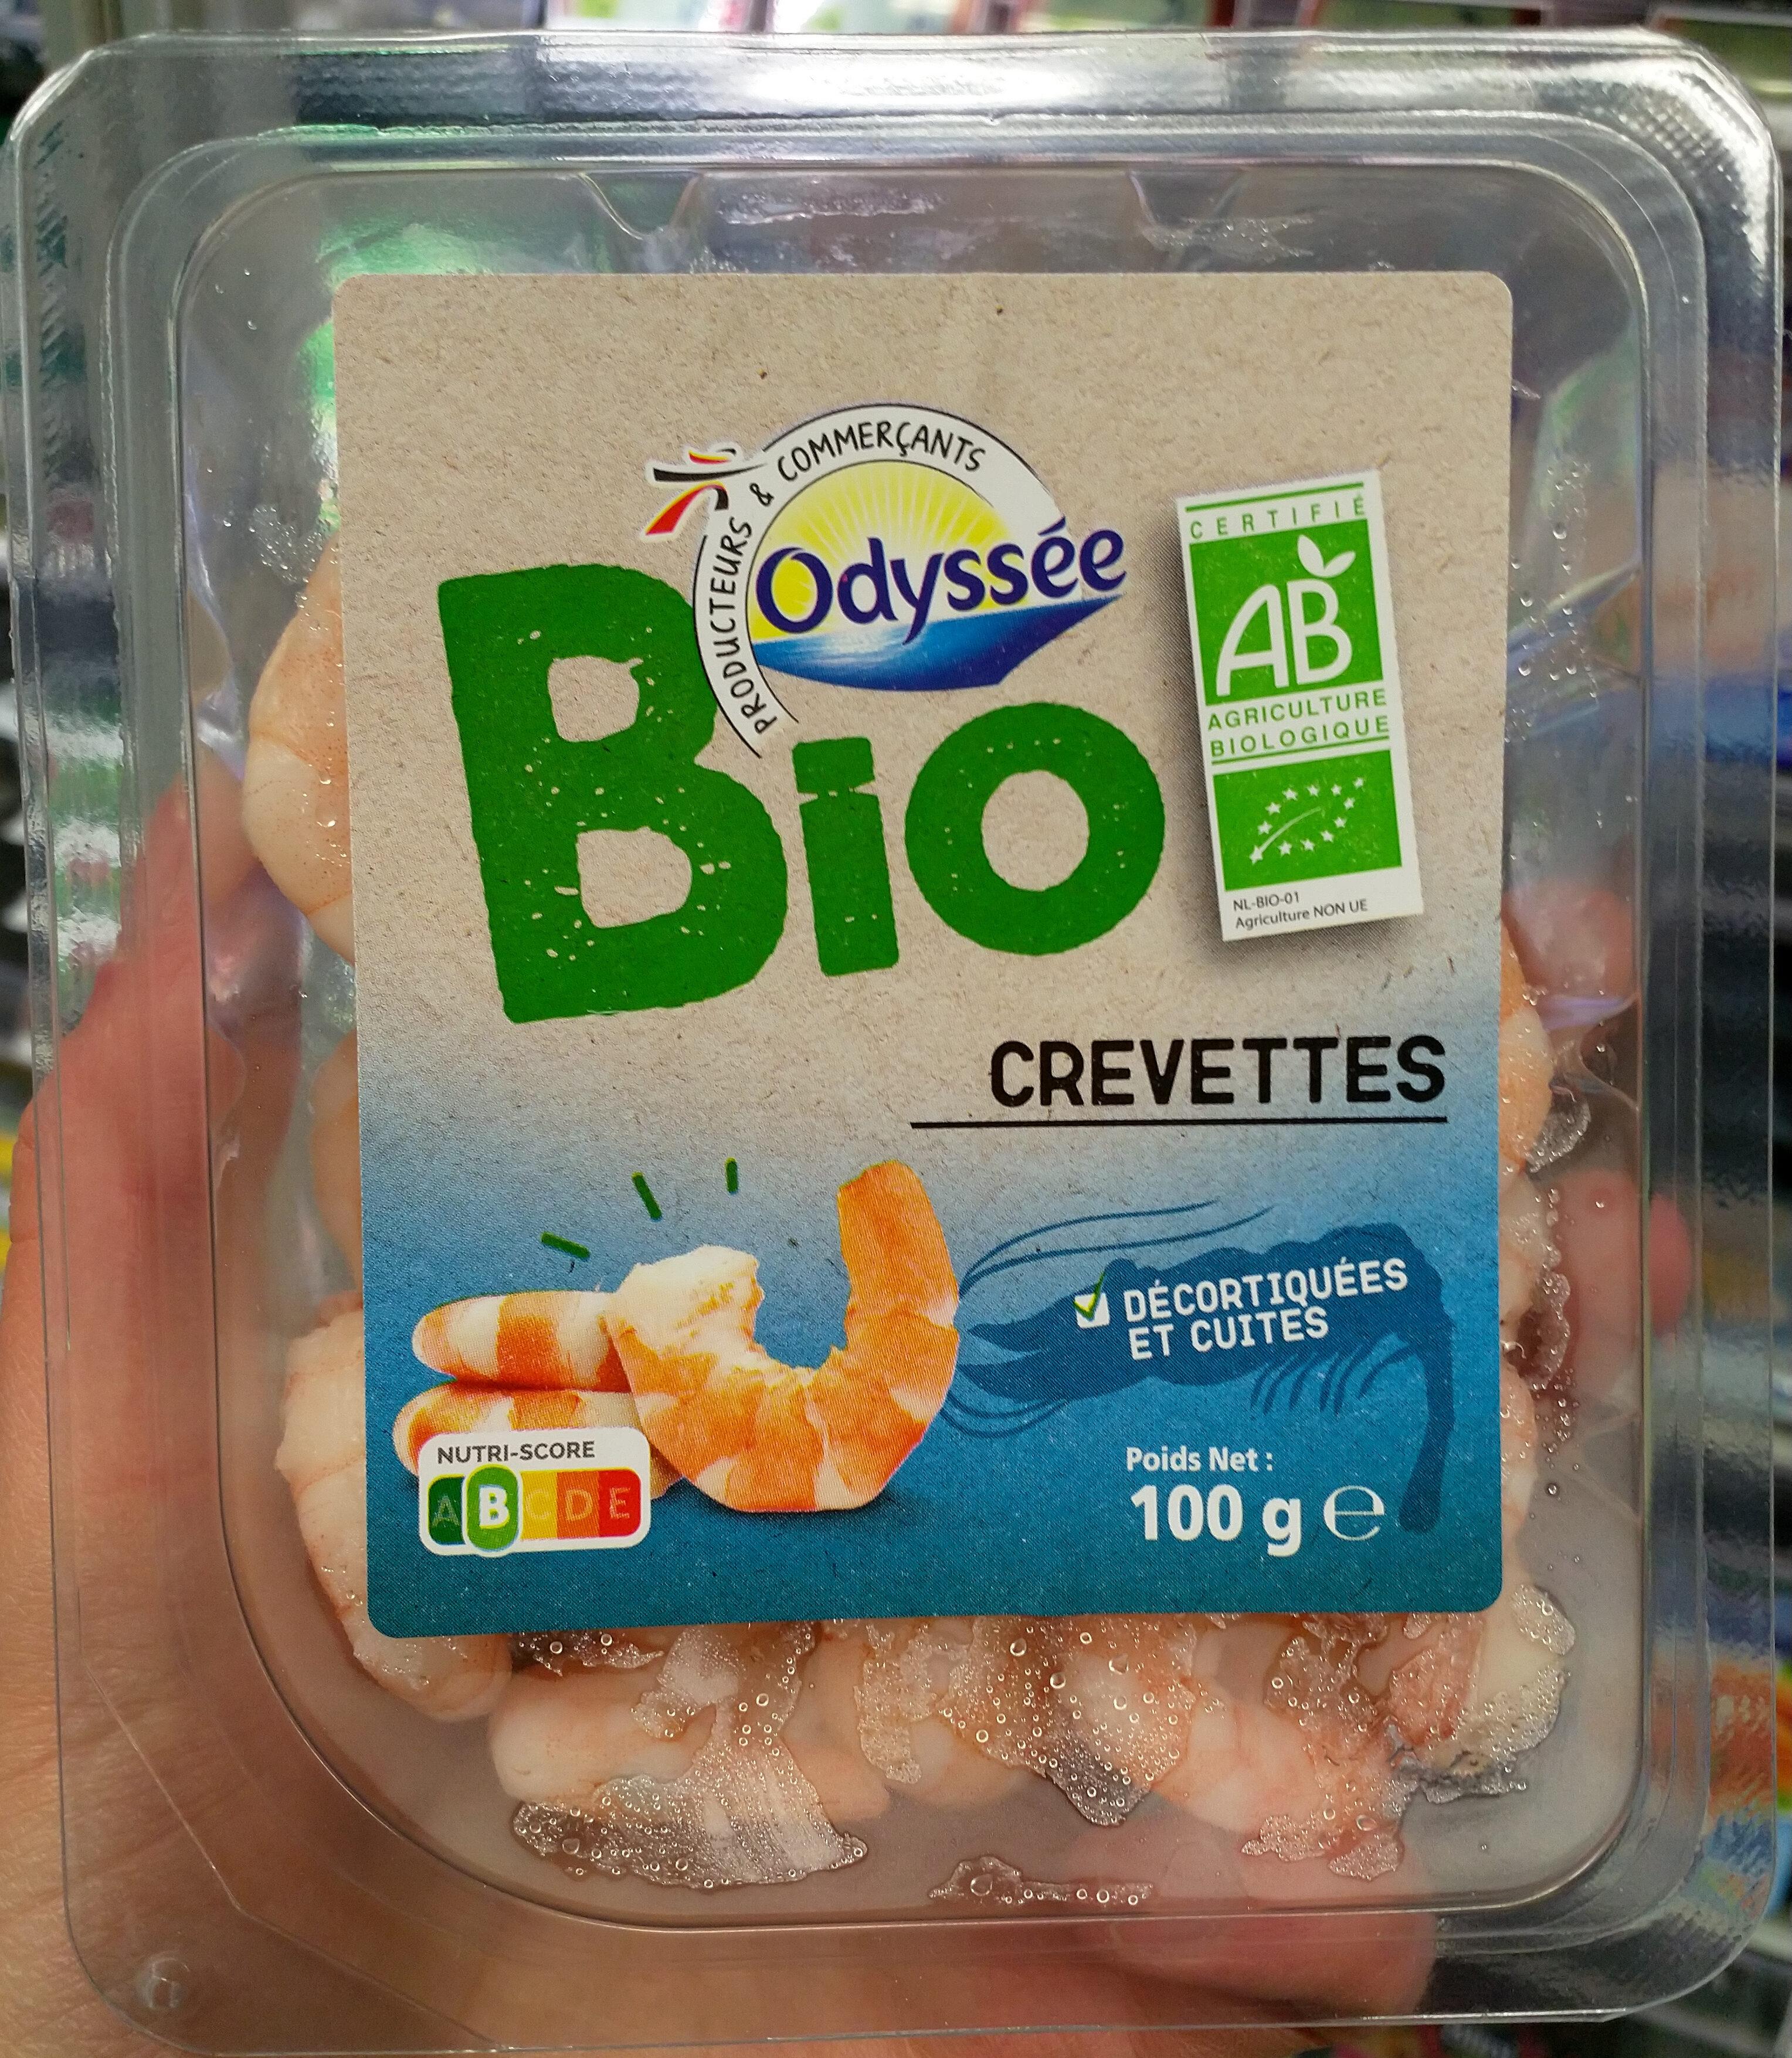 Crevettes décortiquées et cuites - Produit - fr